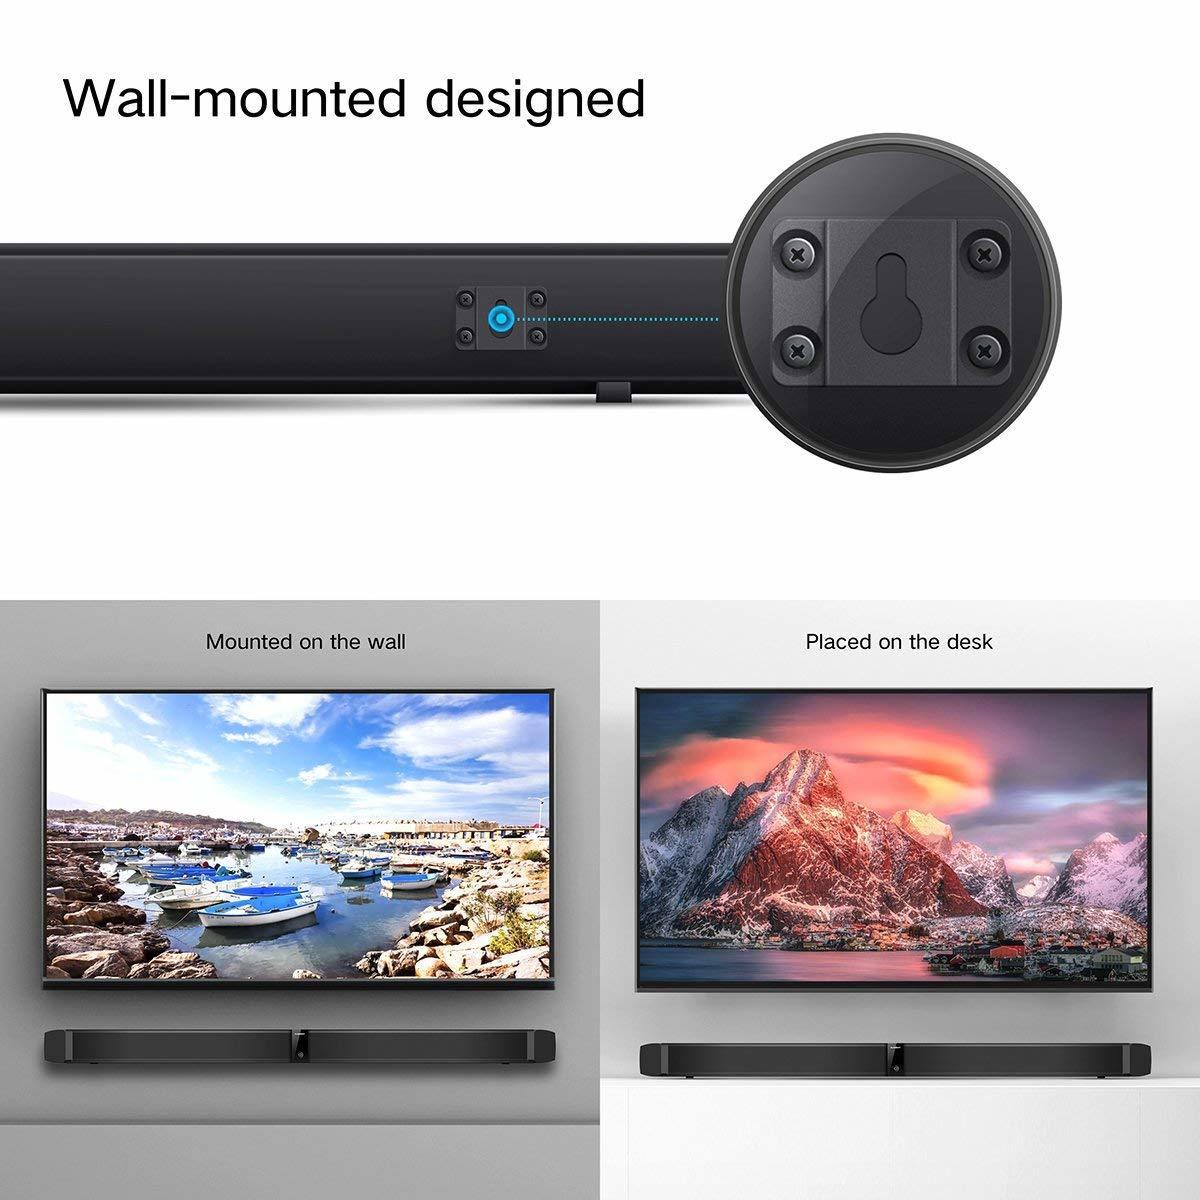 サウンドバー スピーカー ホームシアターシステム ワイヤレス フロントサラウンドシステム Bluetooth 高音質 重低音30W テレビ PC USB _画像6